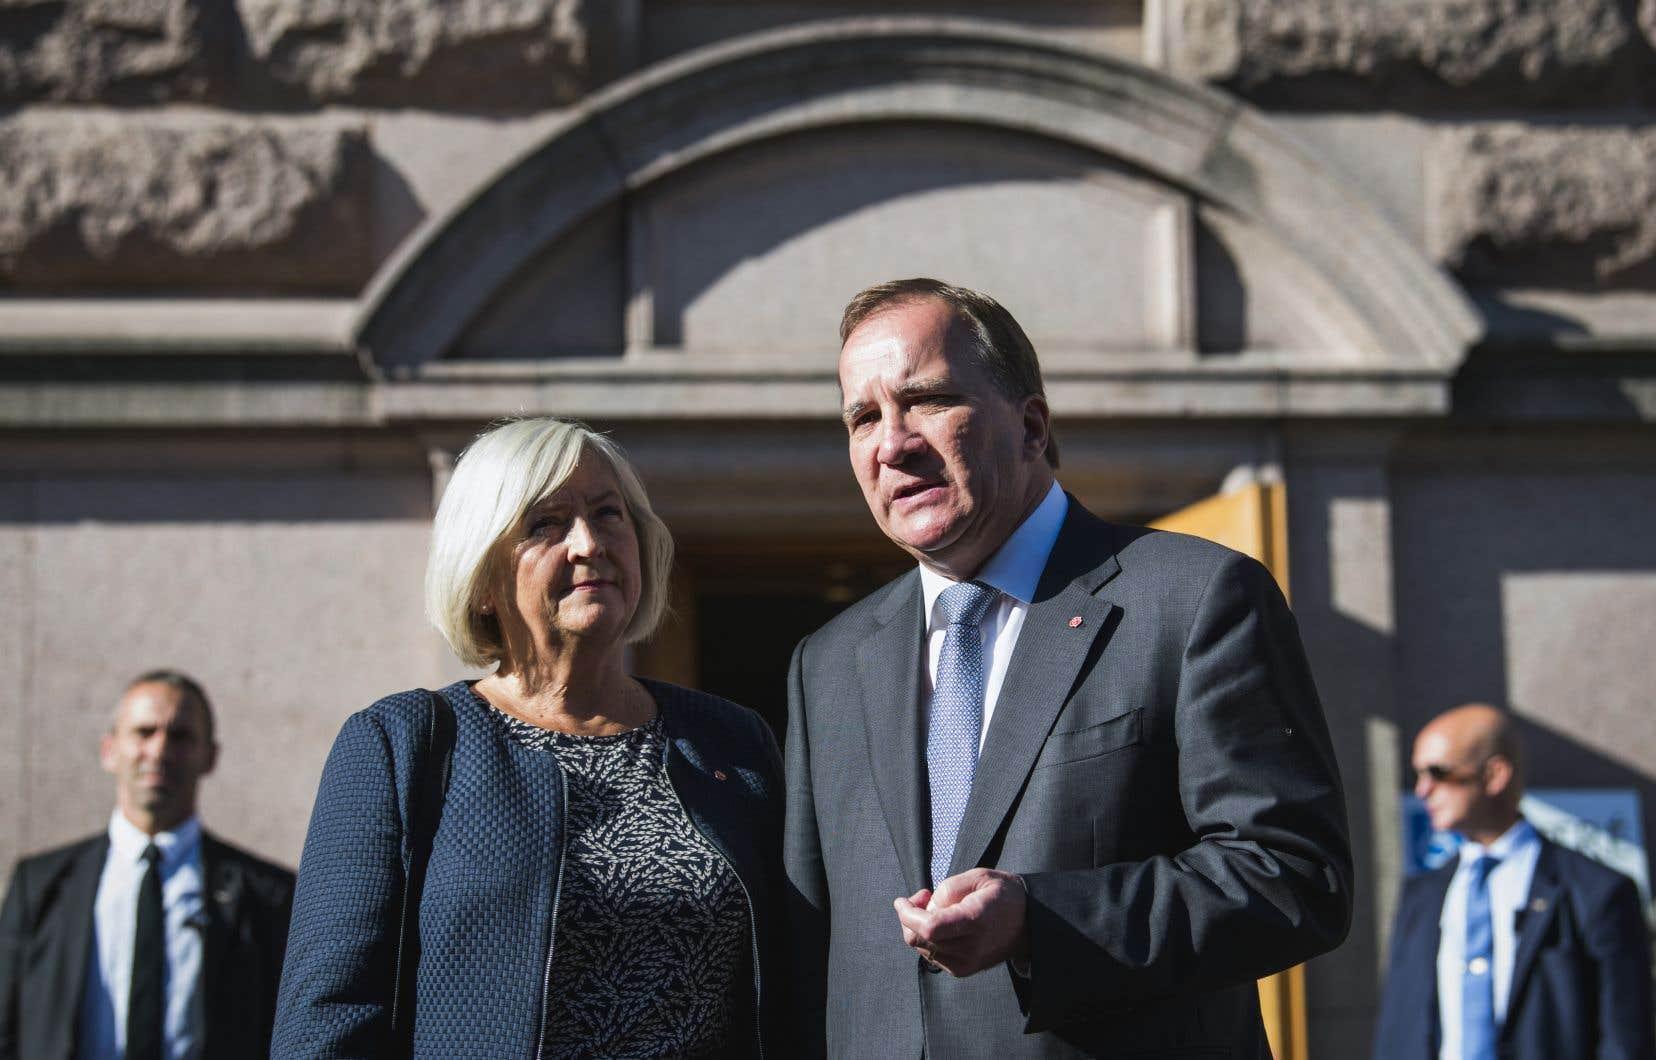 «Une chose est sûre, personne n'a obtenu de majorité. Il est donc naturel de lancer une collaboration entre les blocs», a déclaré devant ses partisans le premier ministre sortant, Stefan Löfven.